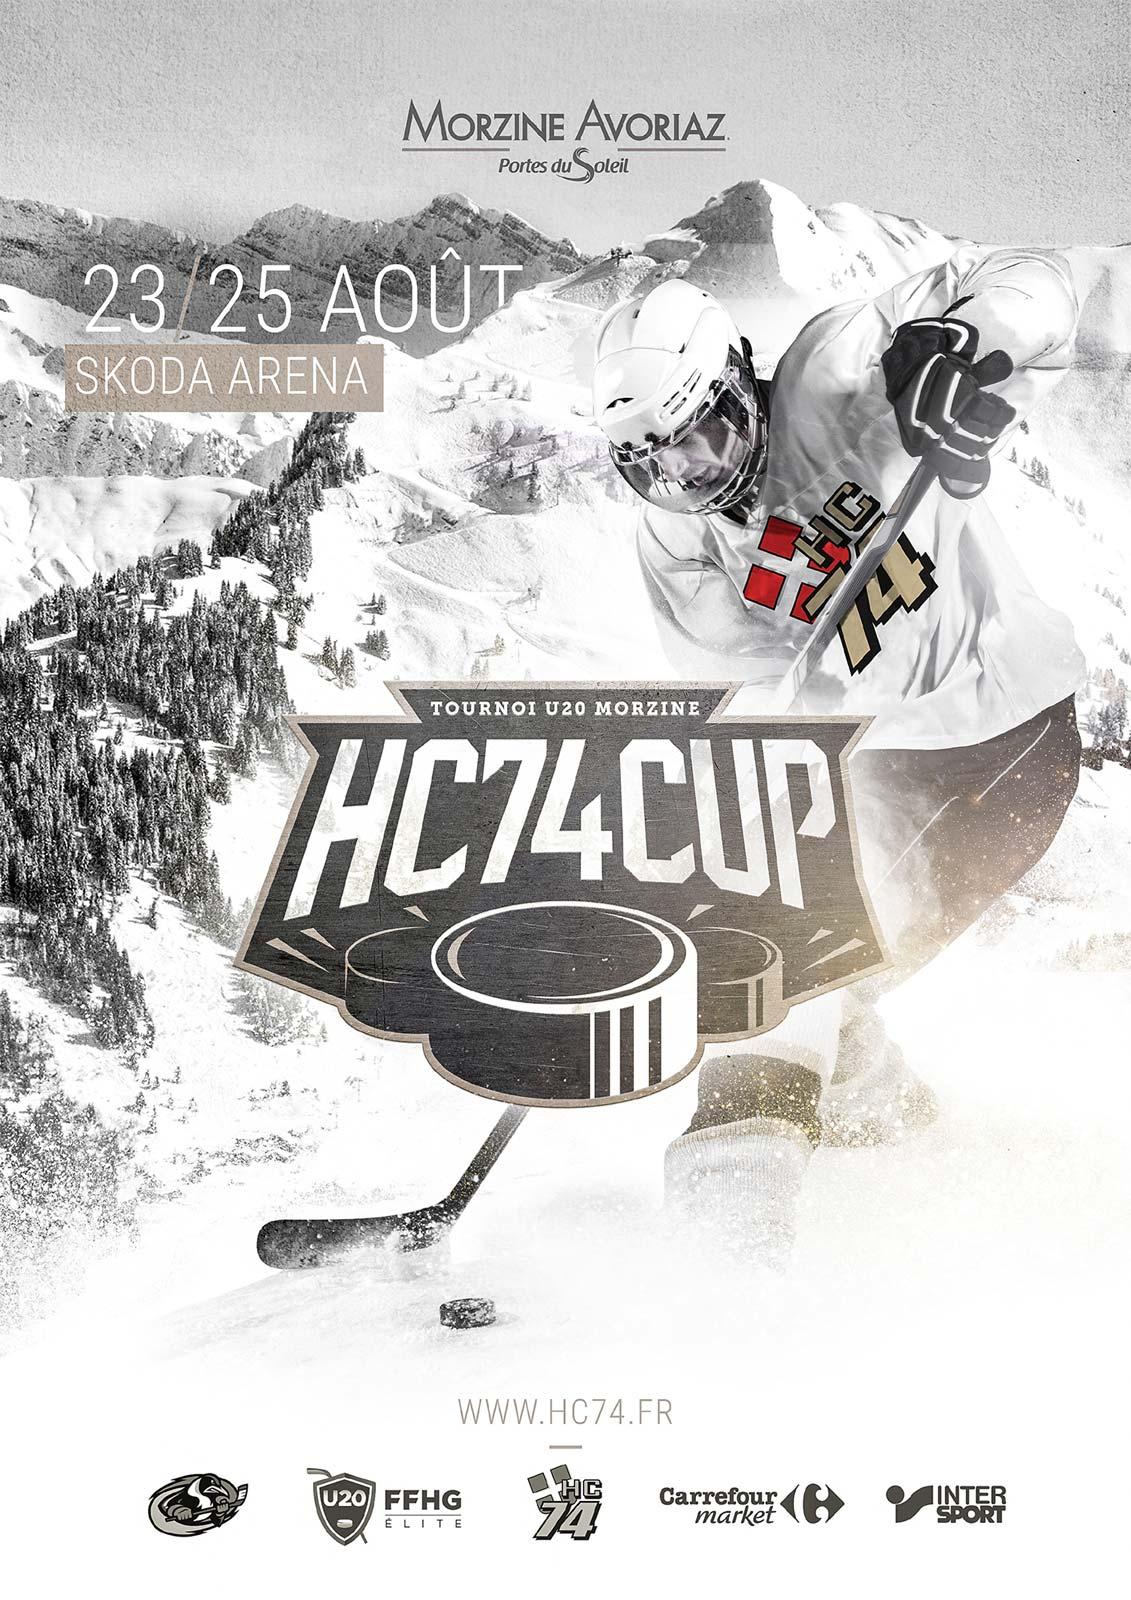 Affiche HC74 CUP